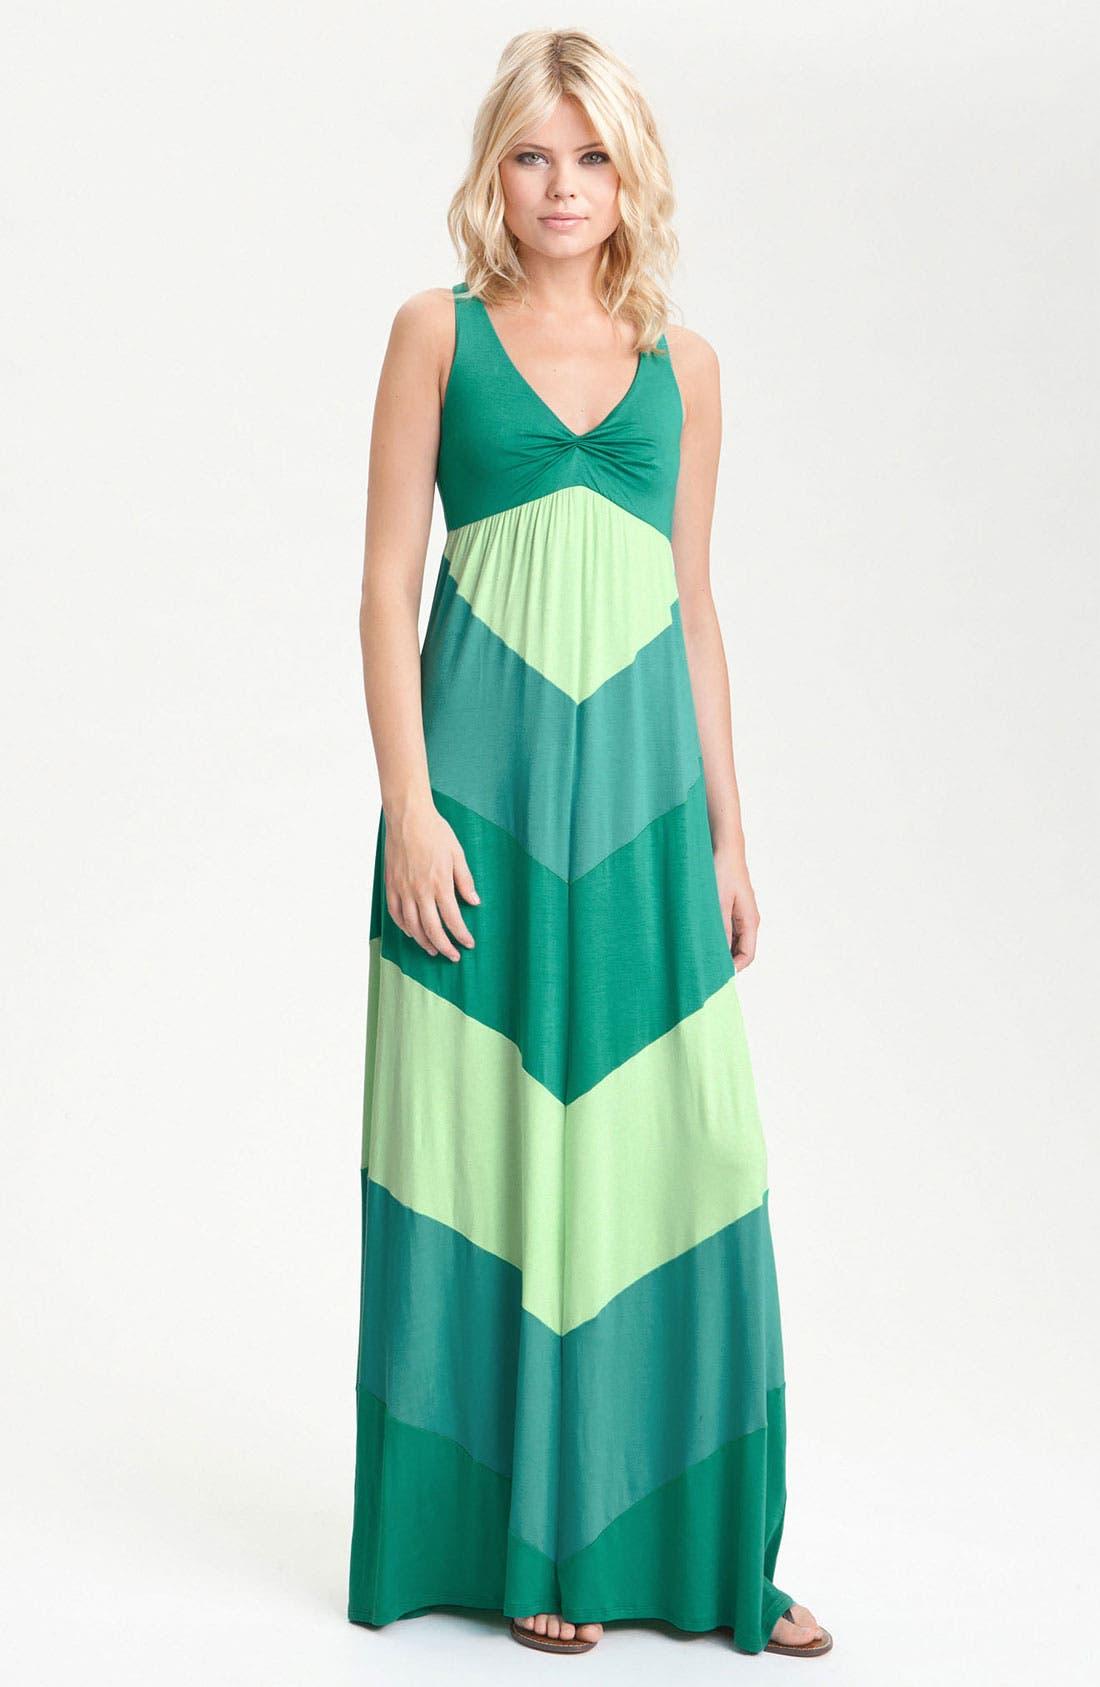 Alternate Image 1 Selected - Ella Moss 'Celia' Racerback Colorblock Maxi Dress